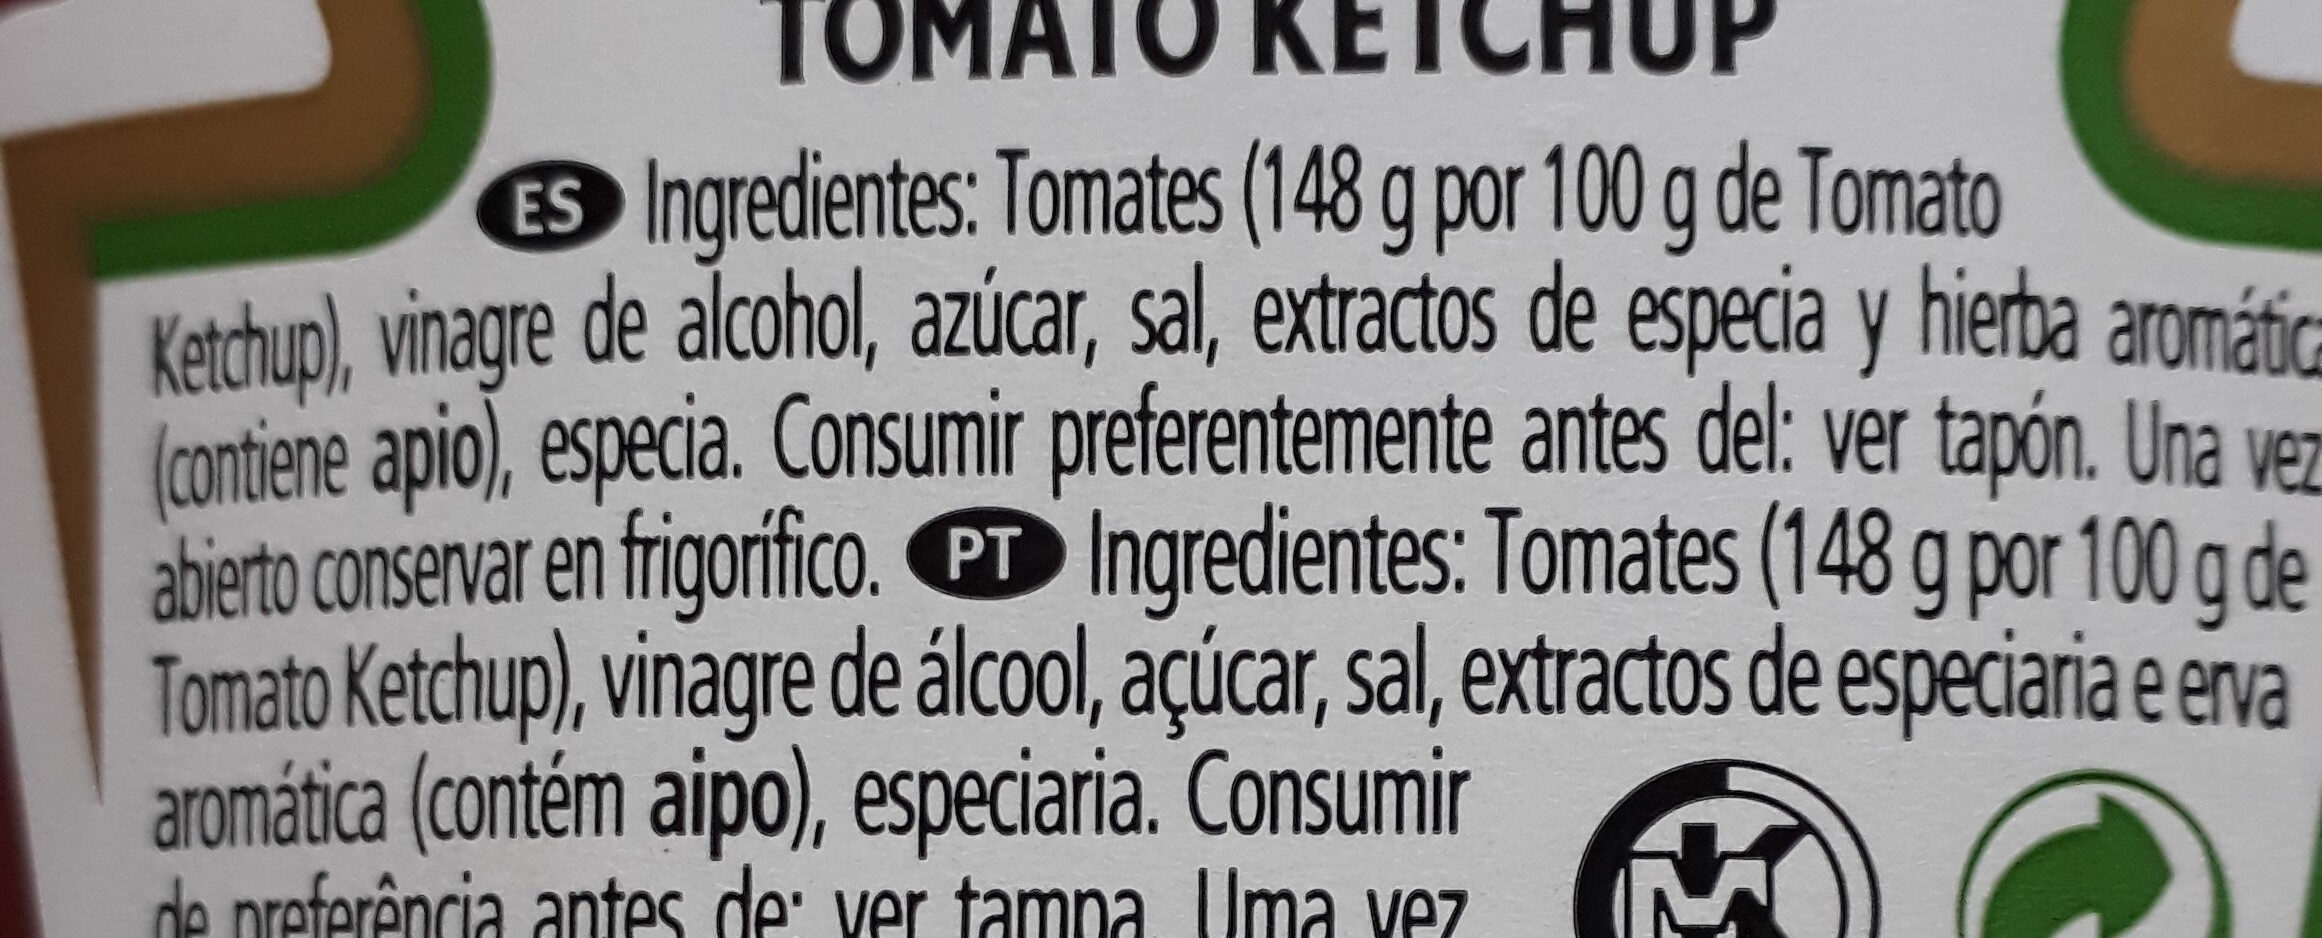 Tomato ketchup - Ingredientes - es